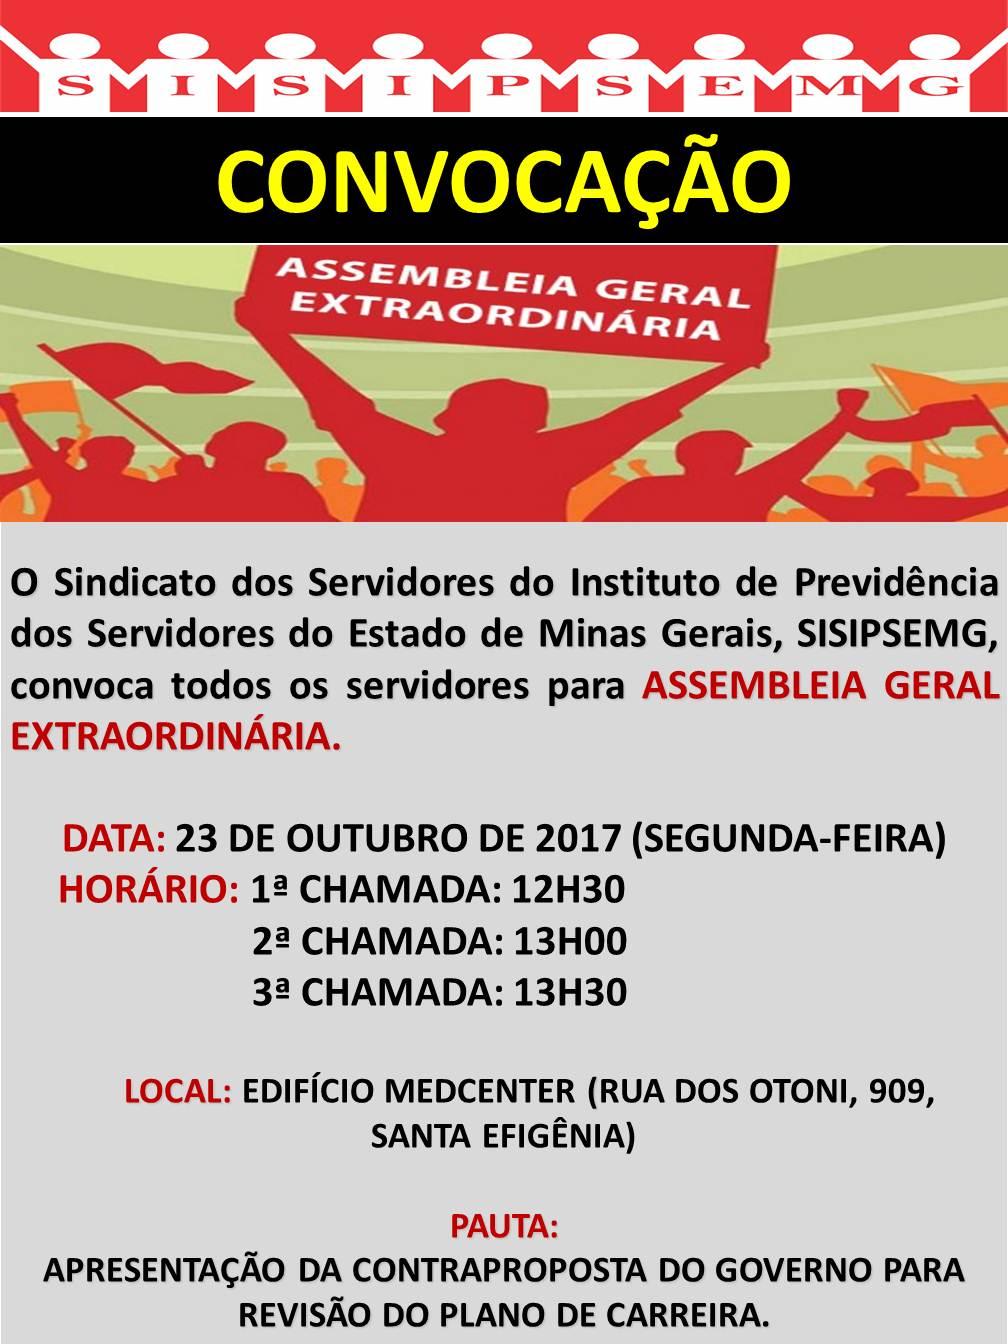 Convocação Assembleia Geral 23102017